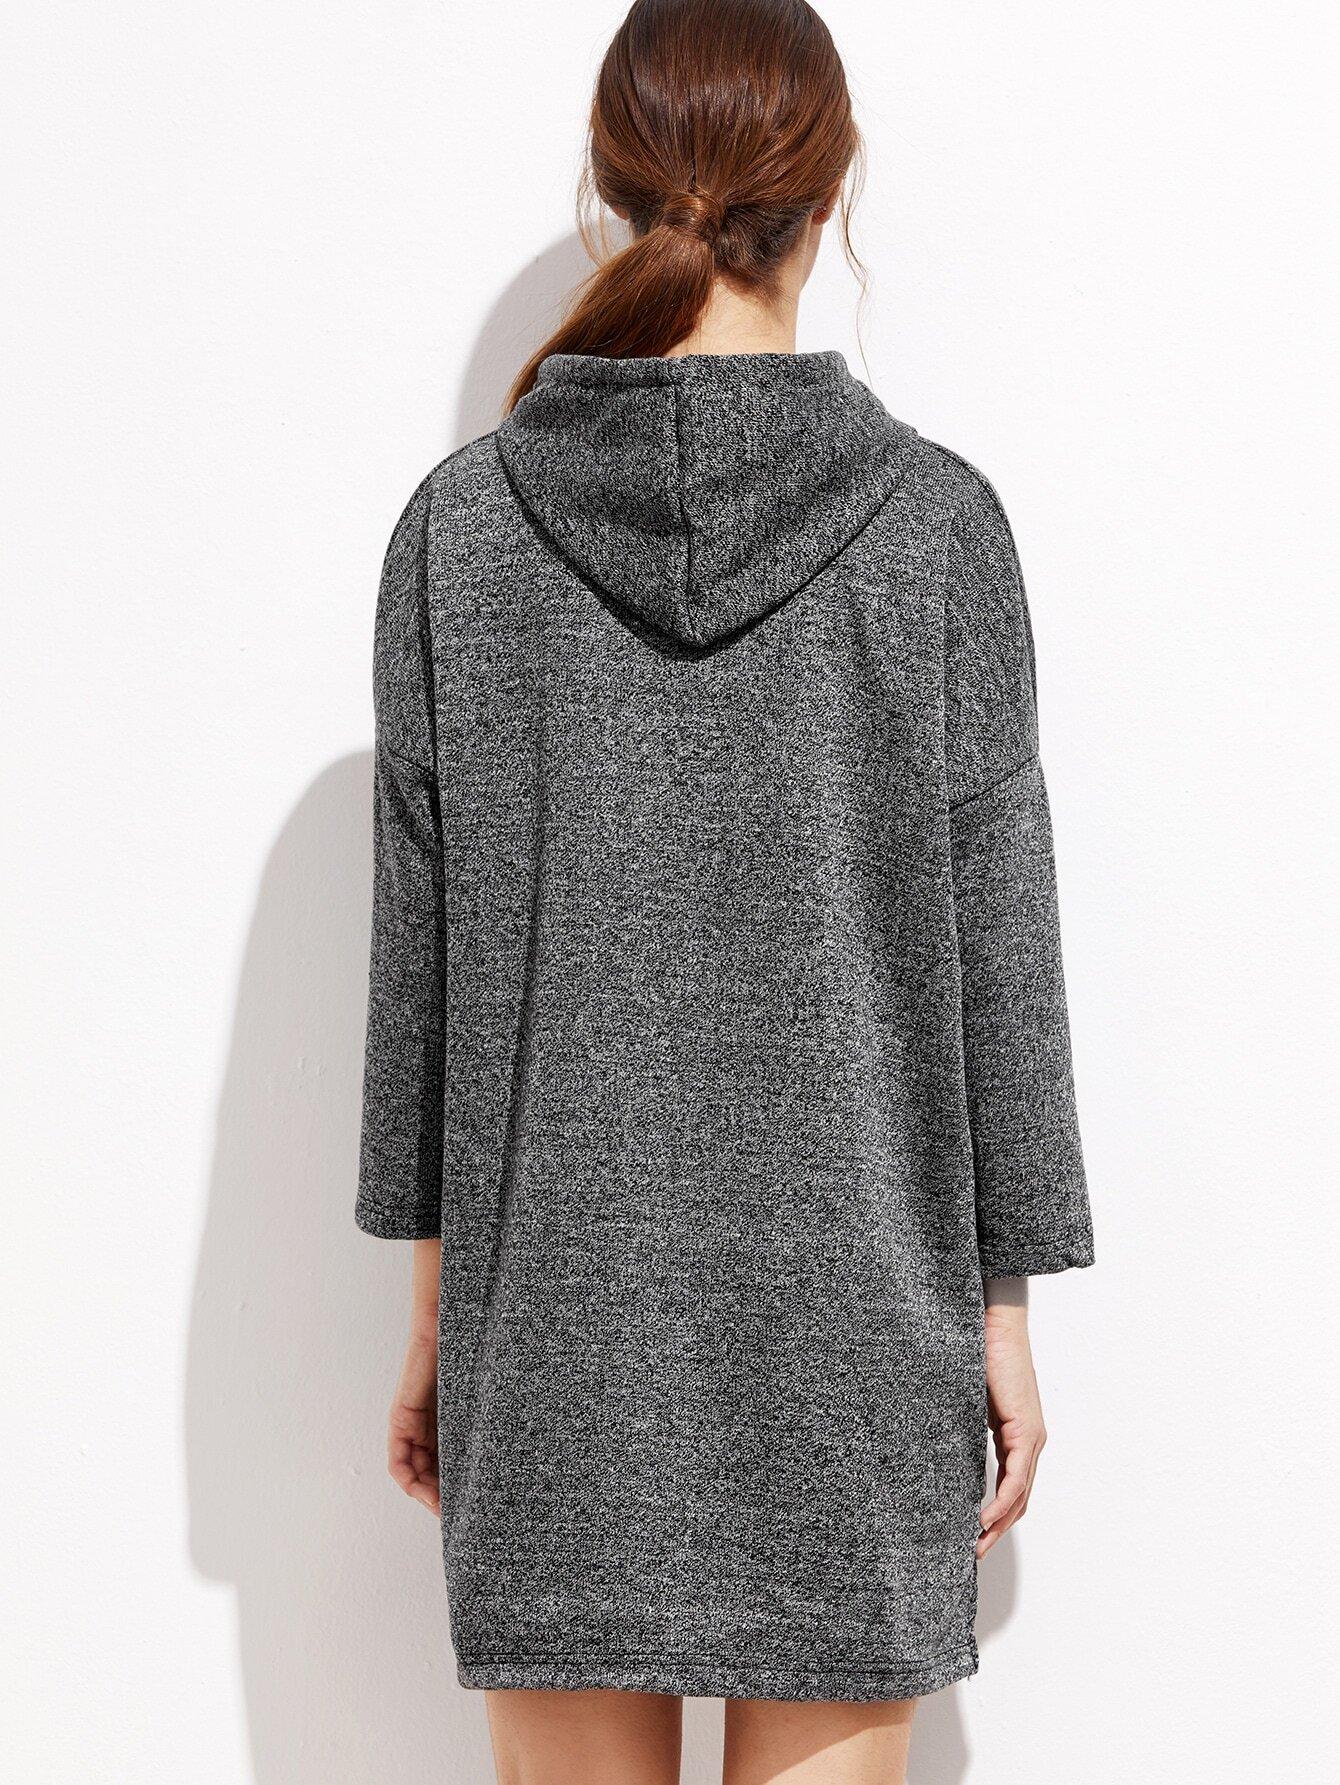 dress161019002_2